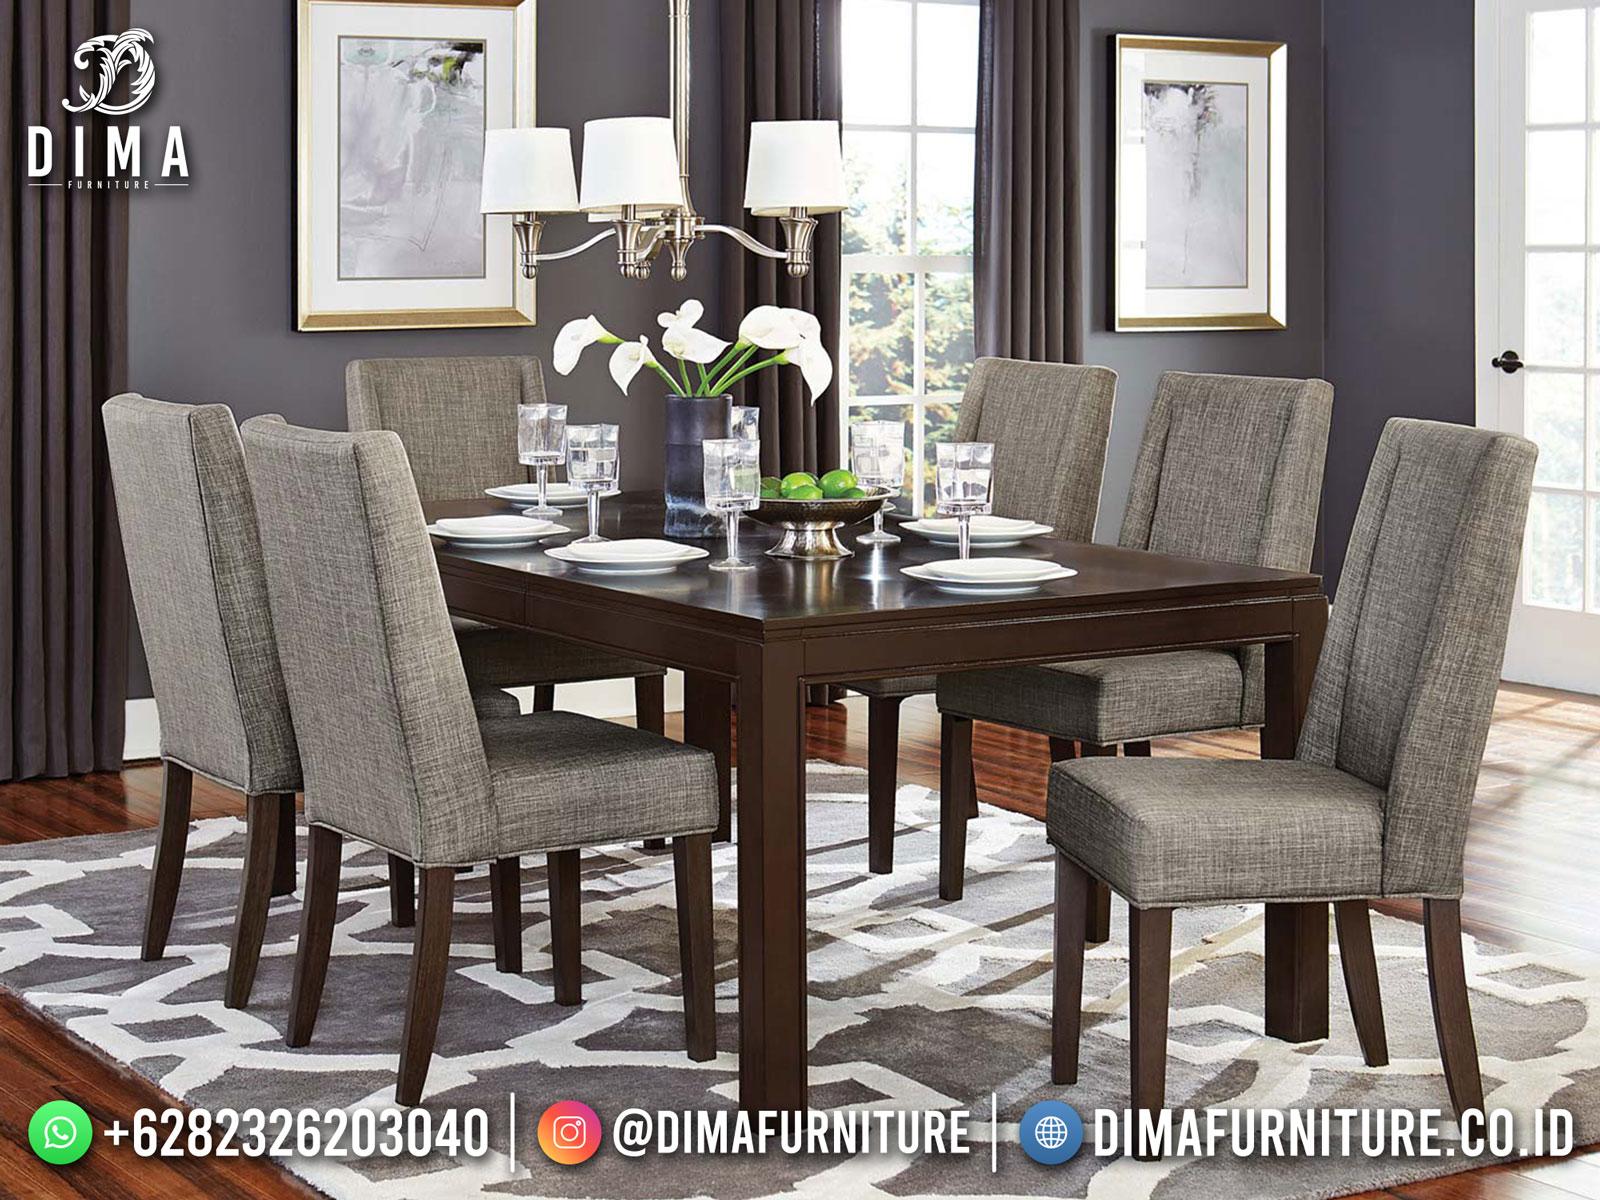 Amber Color Meja Makan Jepara Minimalis Design High Quality Solid Wood TTJ-1749